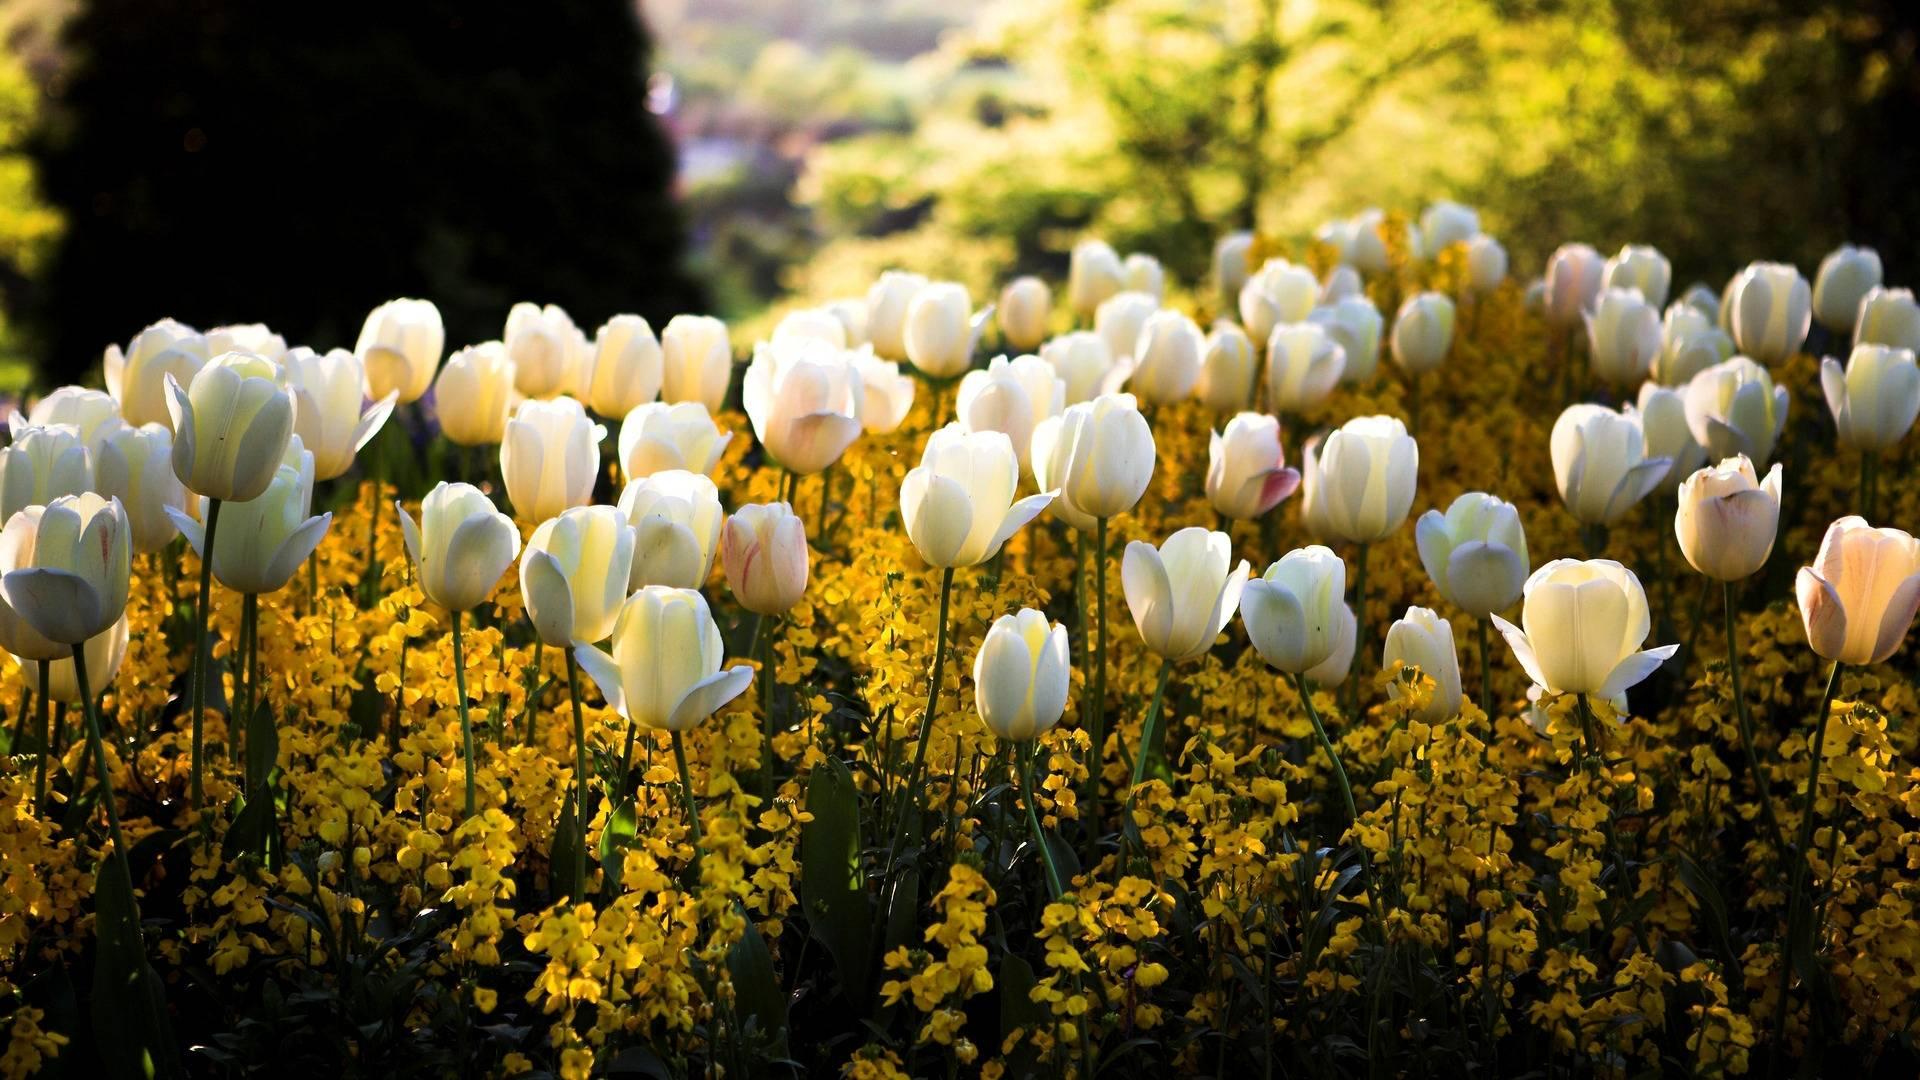 Весна пришла - обои для рабочего стола, картинки, фото | 1080x1920